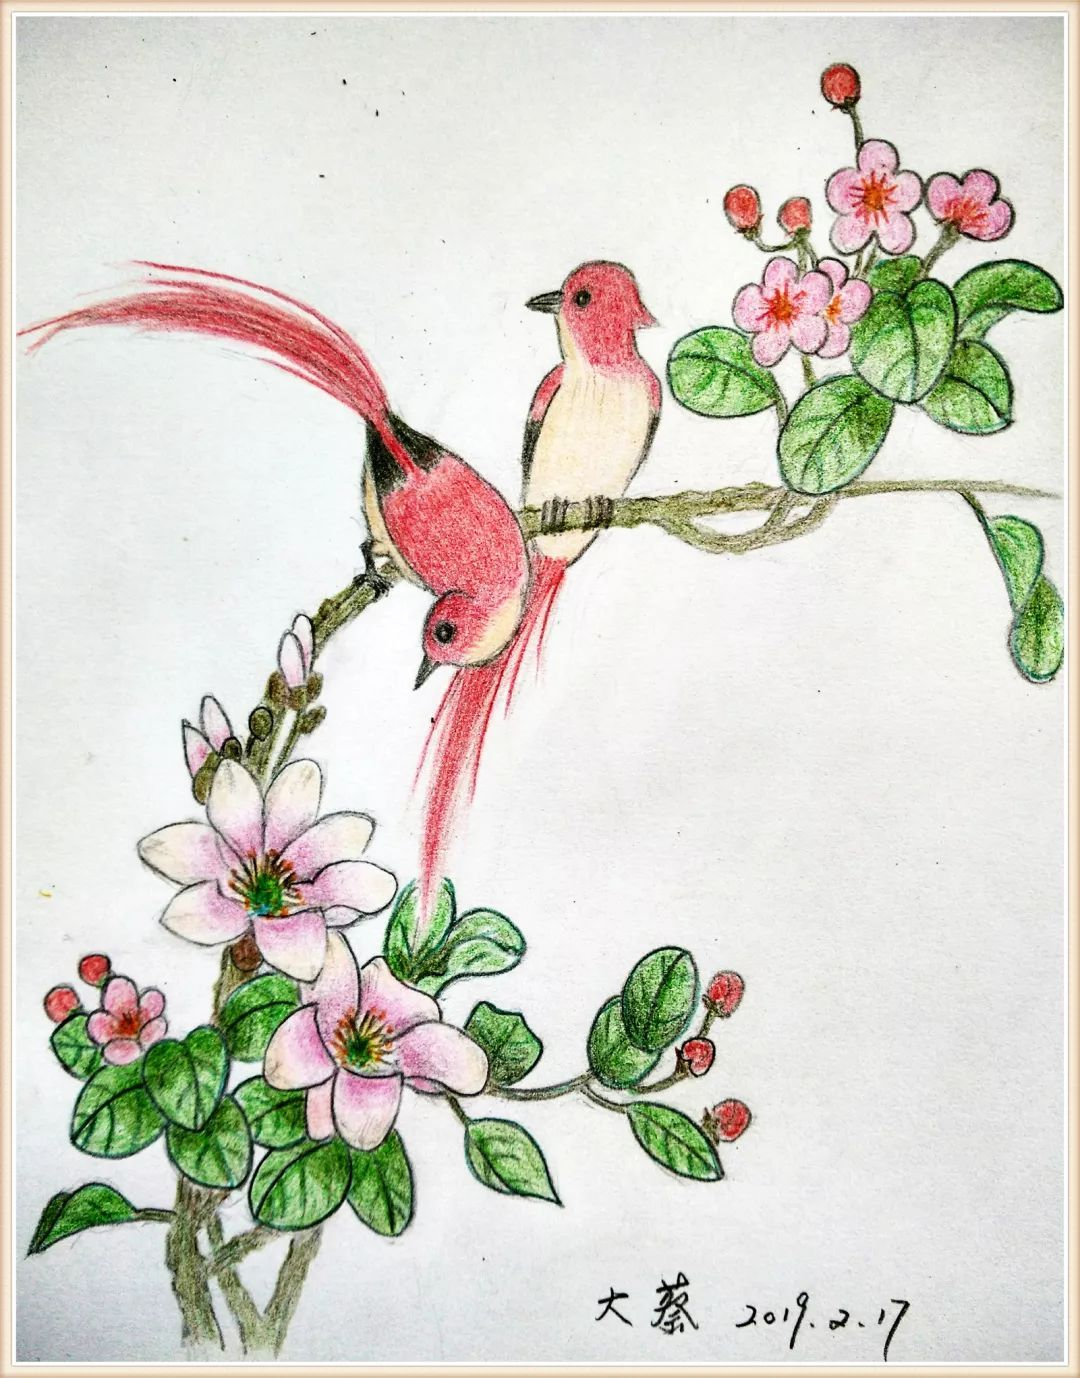 小年糕绘画训练营佳作来袭,鸟语花香,美到心醉